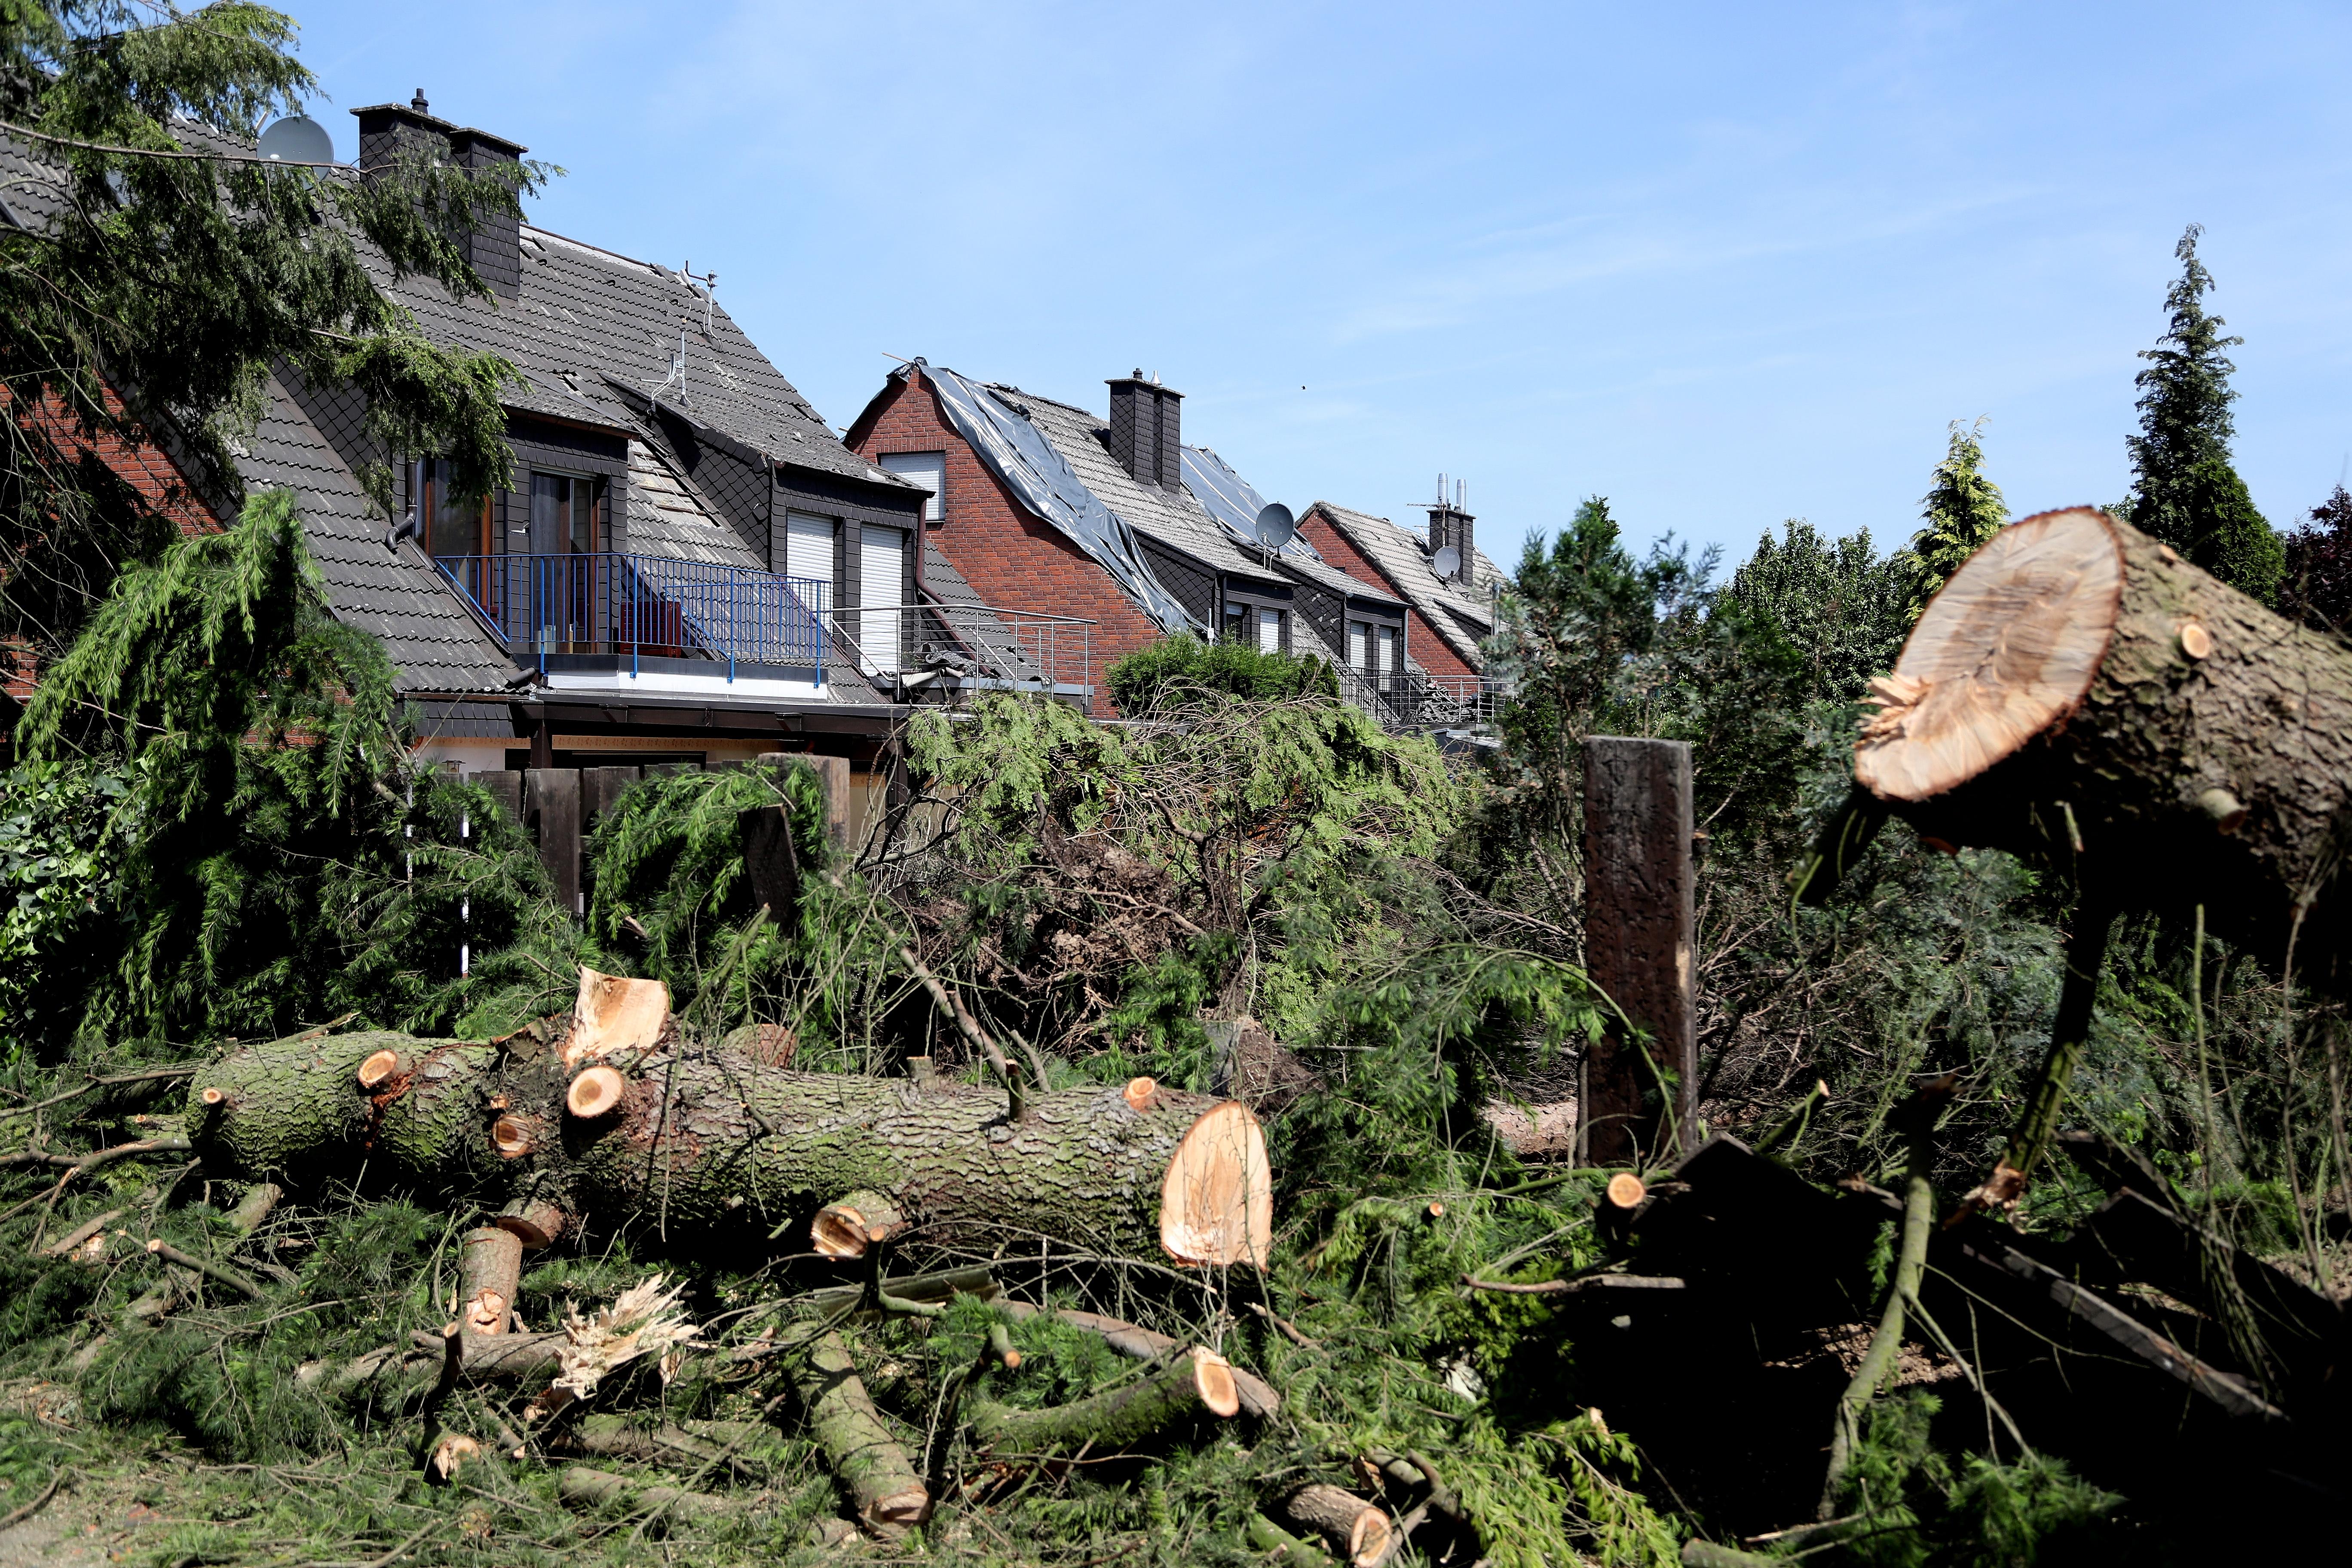 Двама души са ранени, единият от които тежко, а къщите на близо 50 семейства пострадаха, след като торнадо удари Германия. Вятърът беше толкова силен, че повдигна цяла каравана и я стовари двора на къща в град Вирсен.